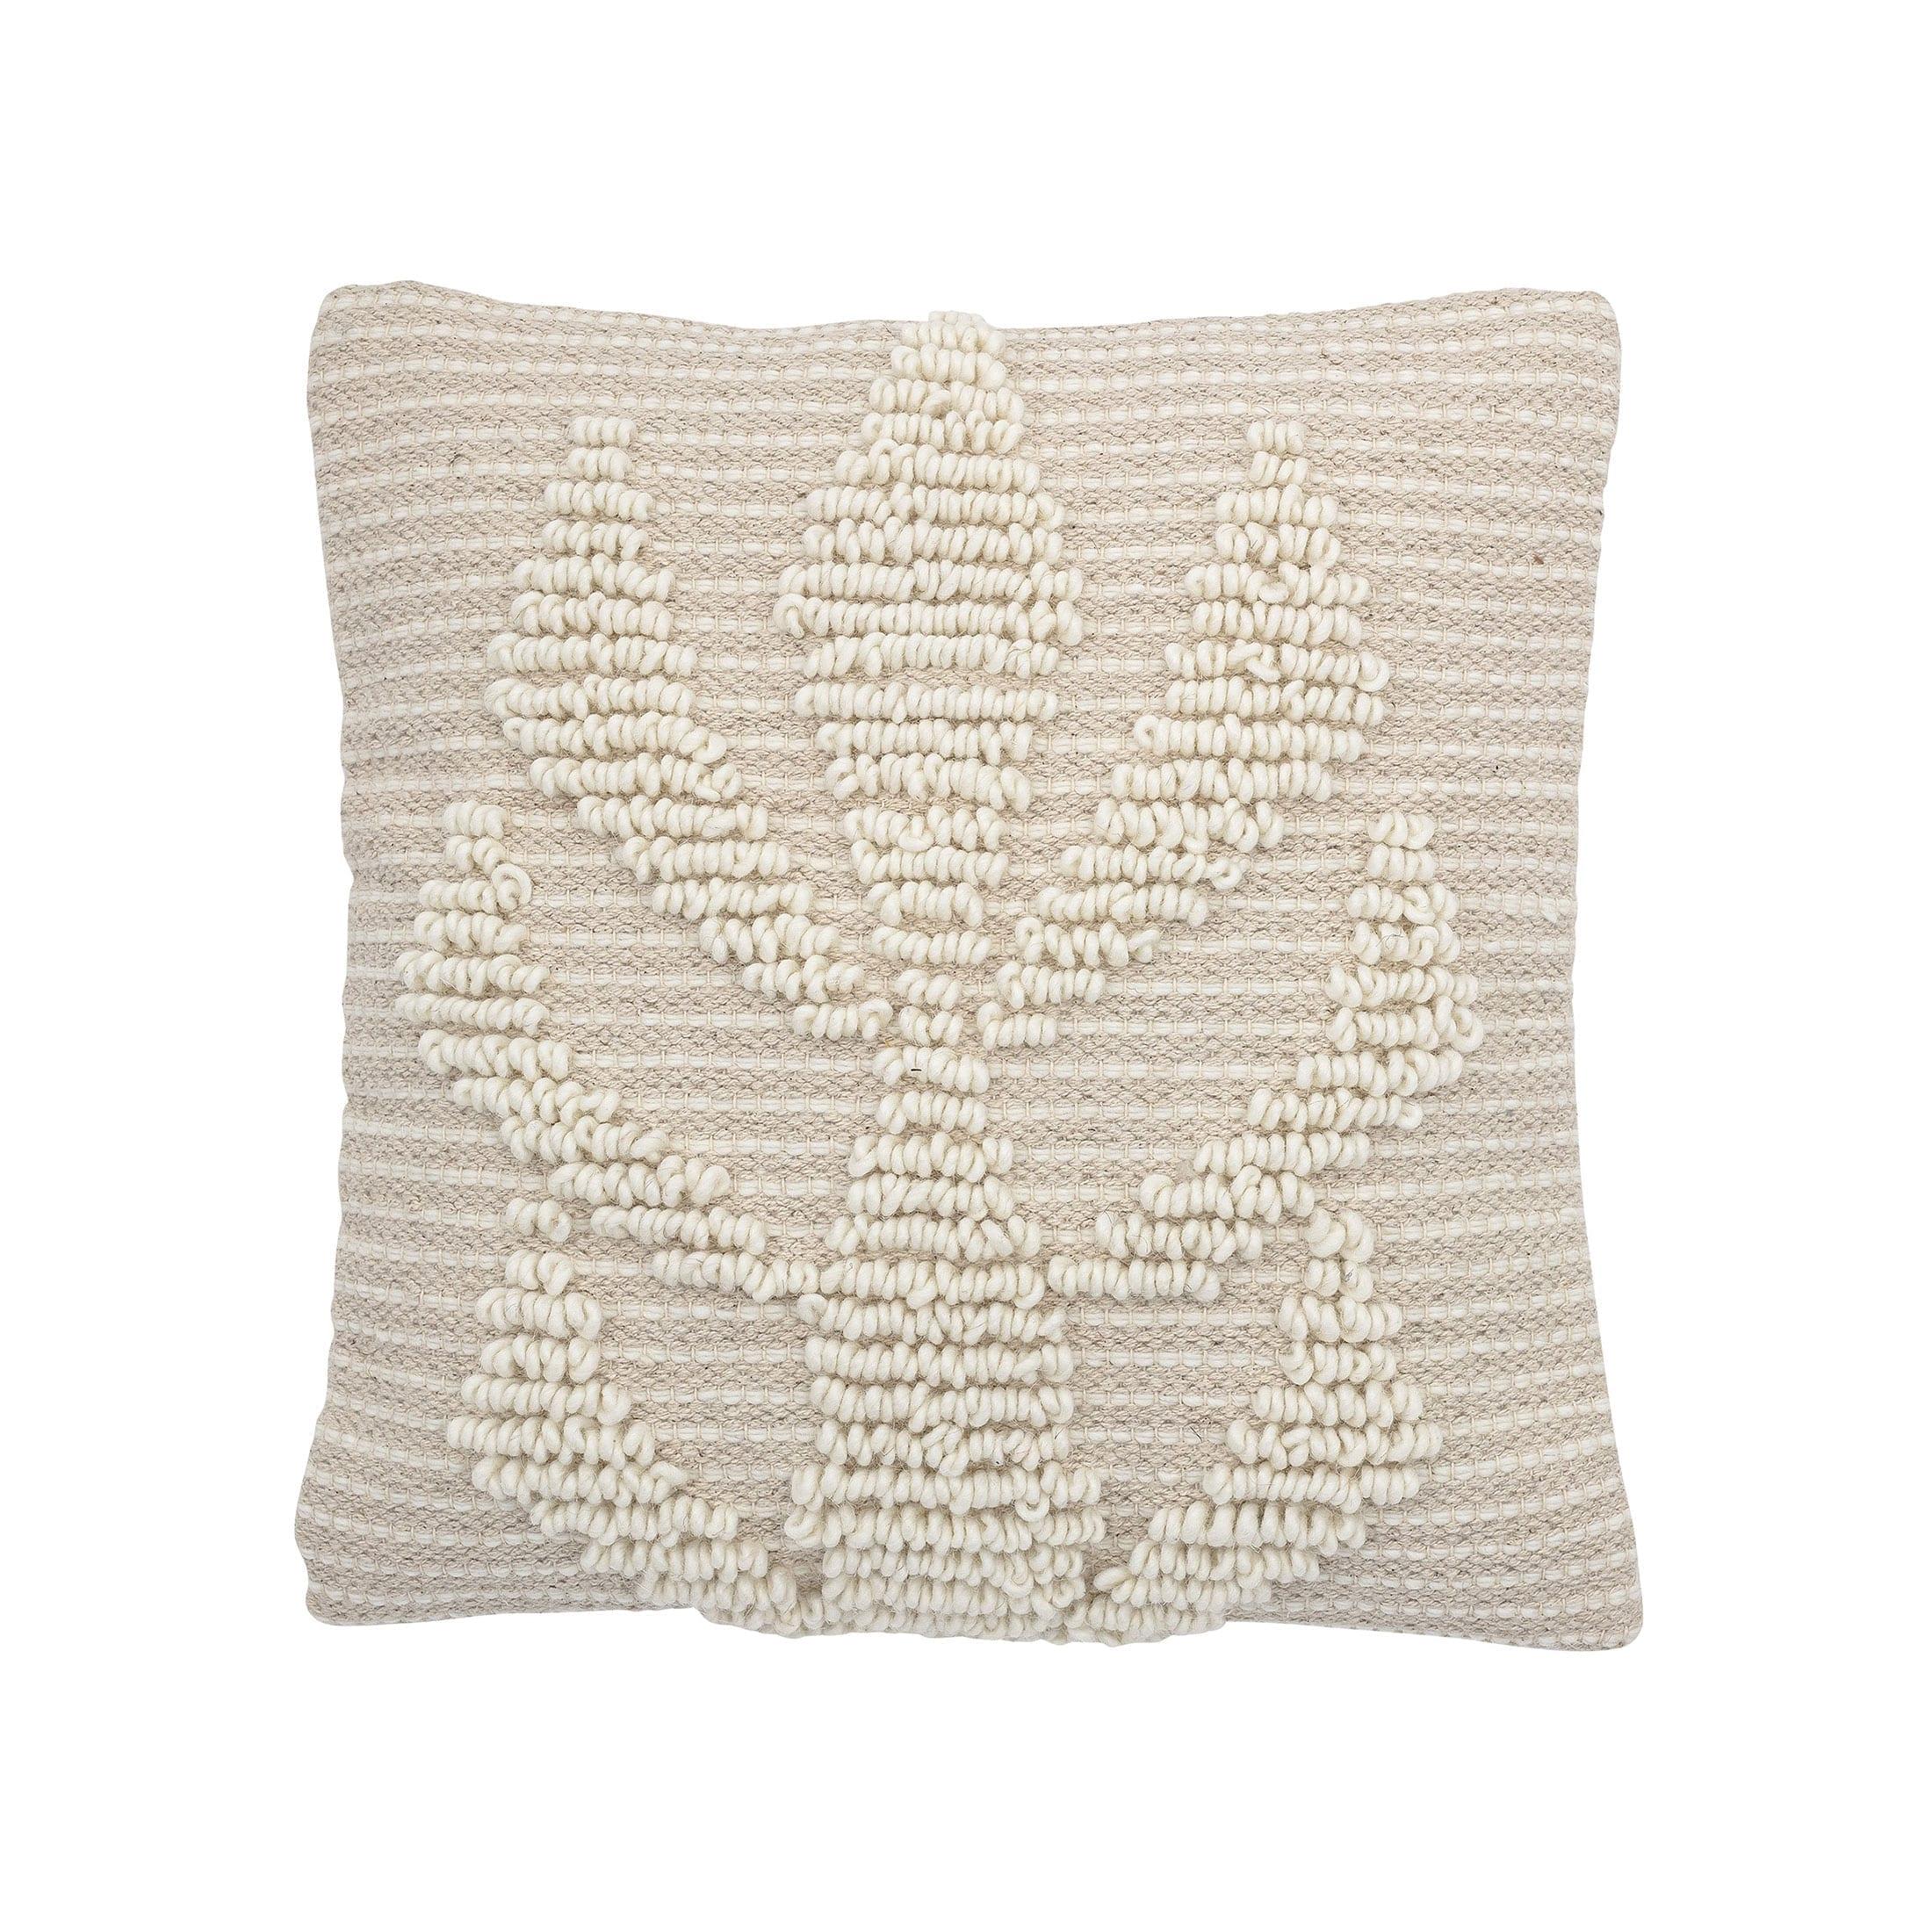 Weisses Kissen online kaufen ♥ Quadratisches Dekokissen 40x40 & Sofakissen in Weiß mit Tribal Muster im Kalifornischen Style ♥ Onlineshop Soulbirdee